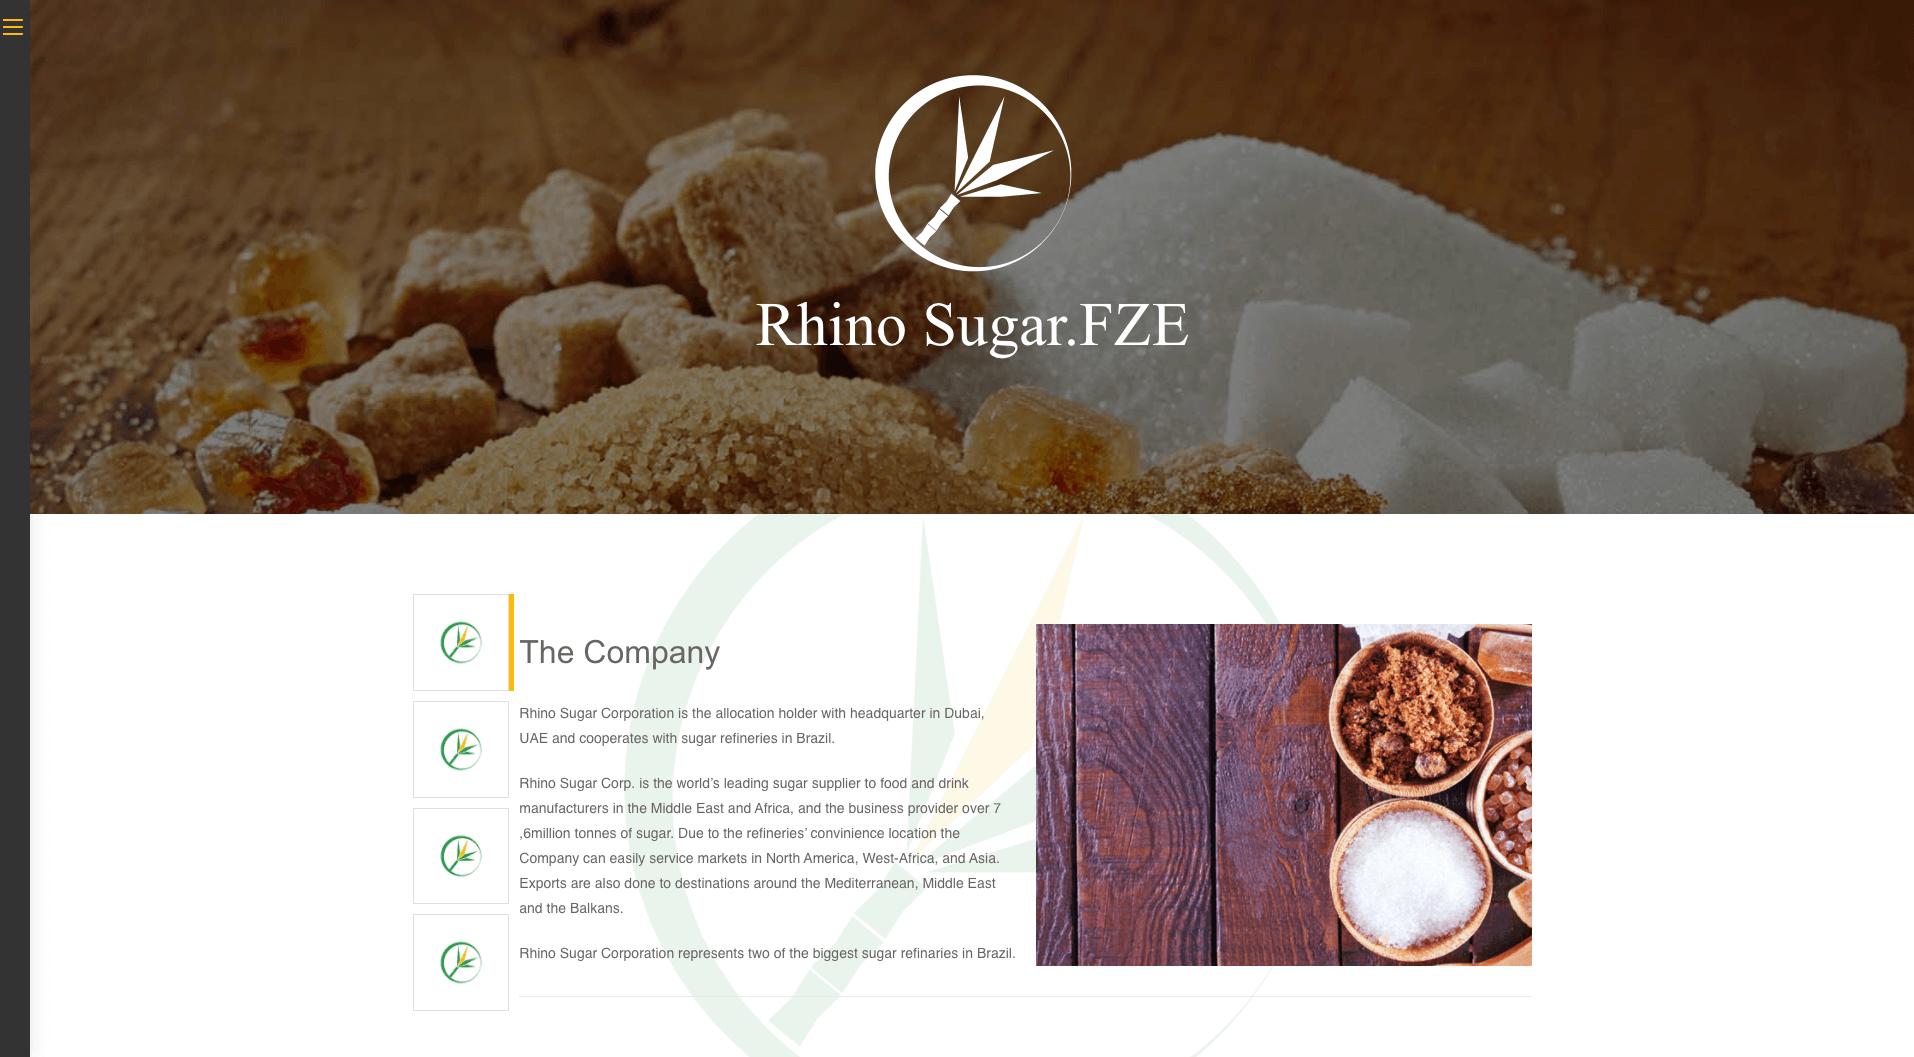 Rhino Sugar